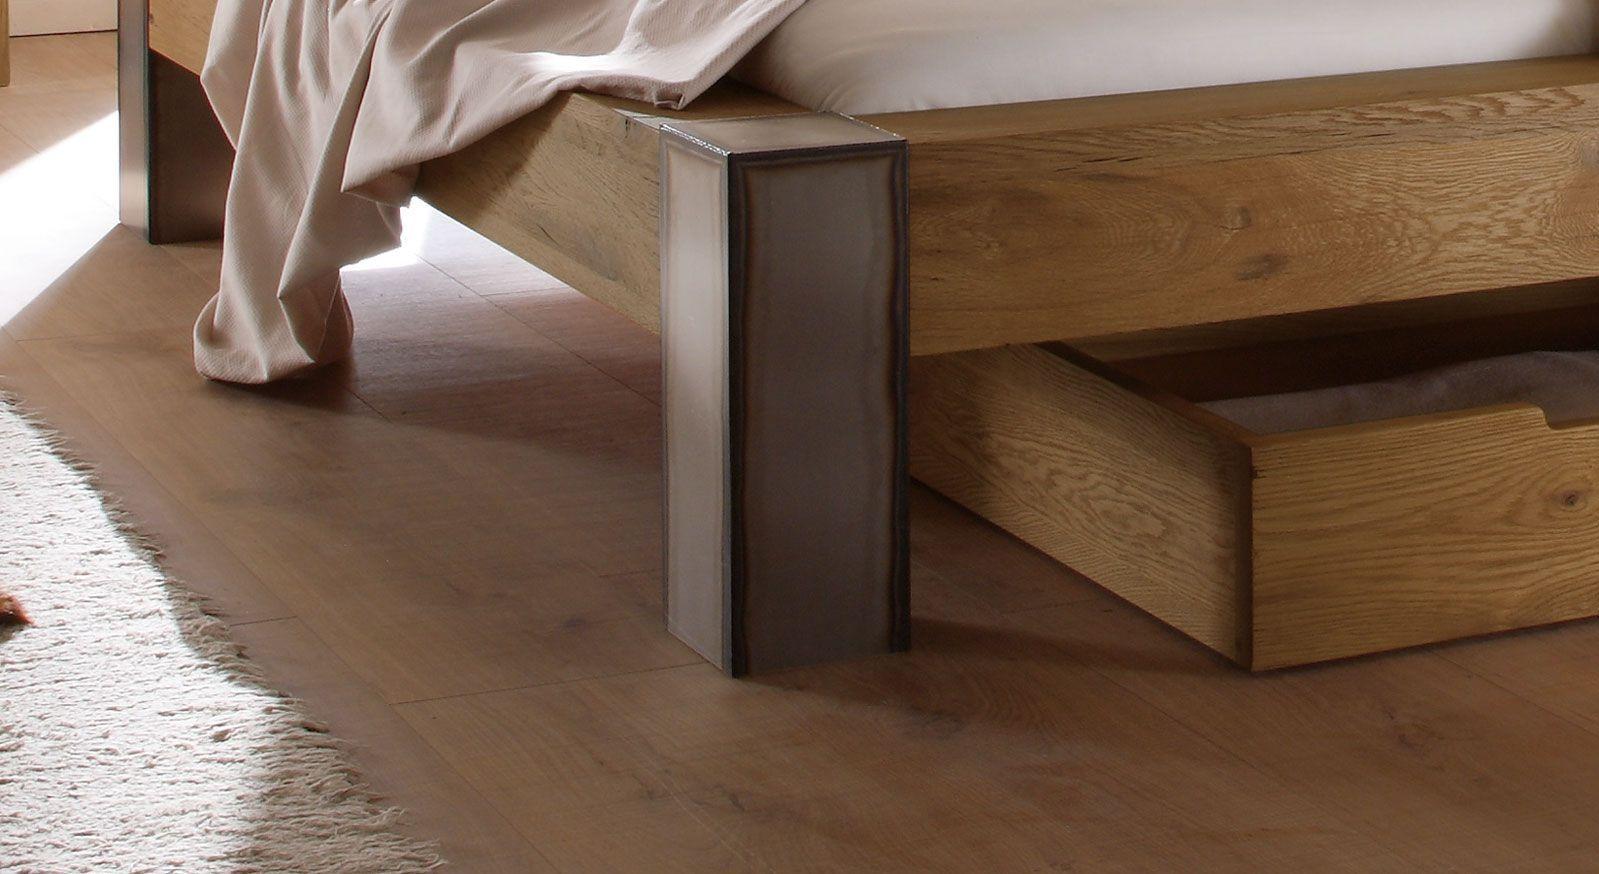 Bett Mallero mit quaderförmigen Bettfuß aus Stahl